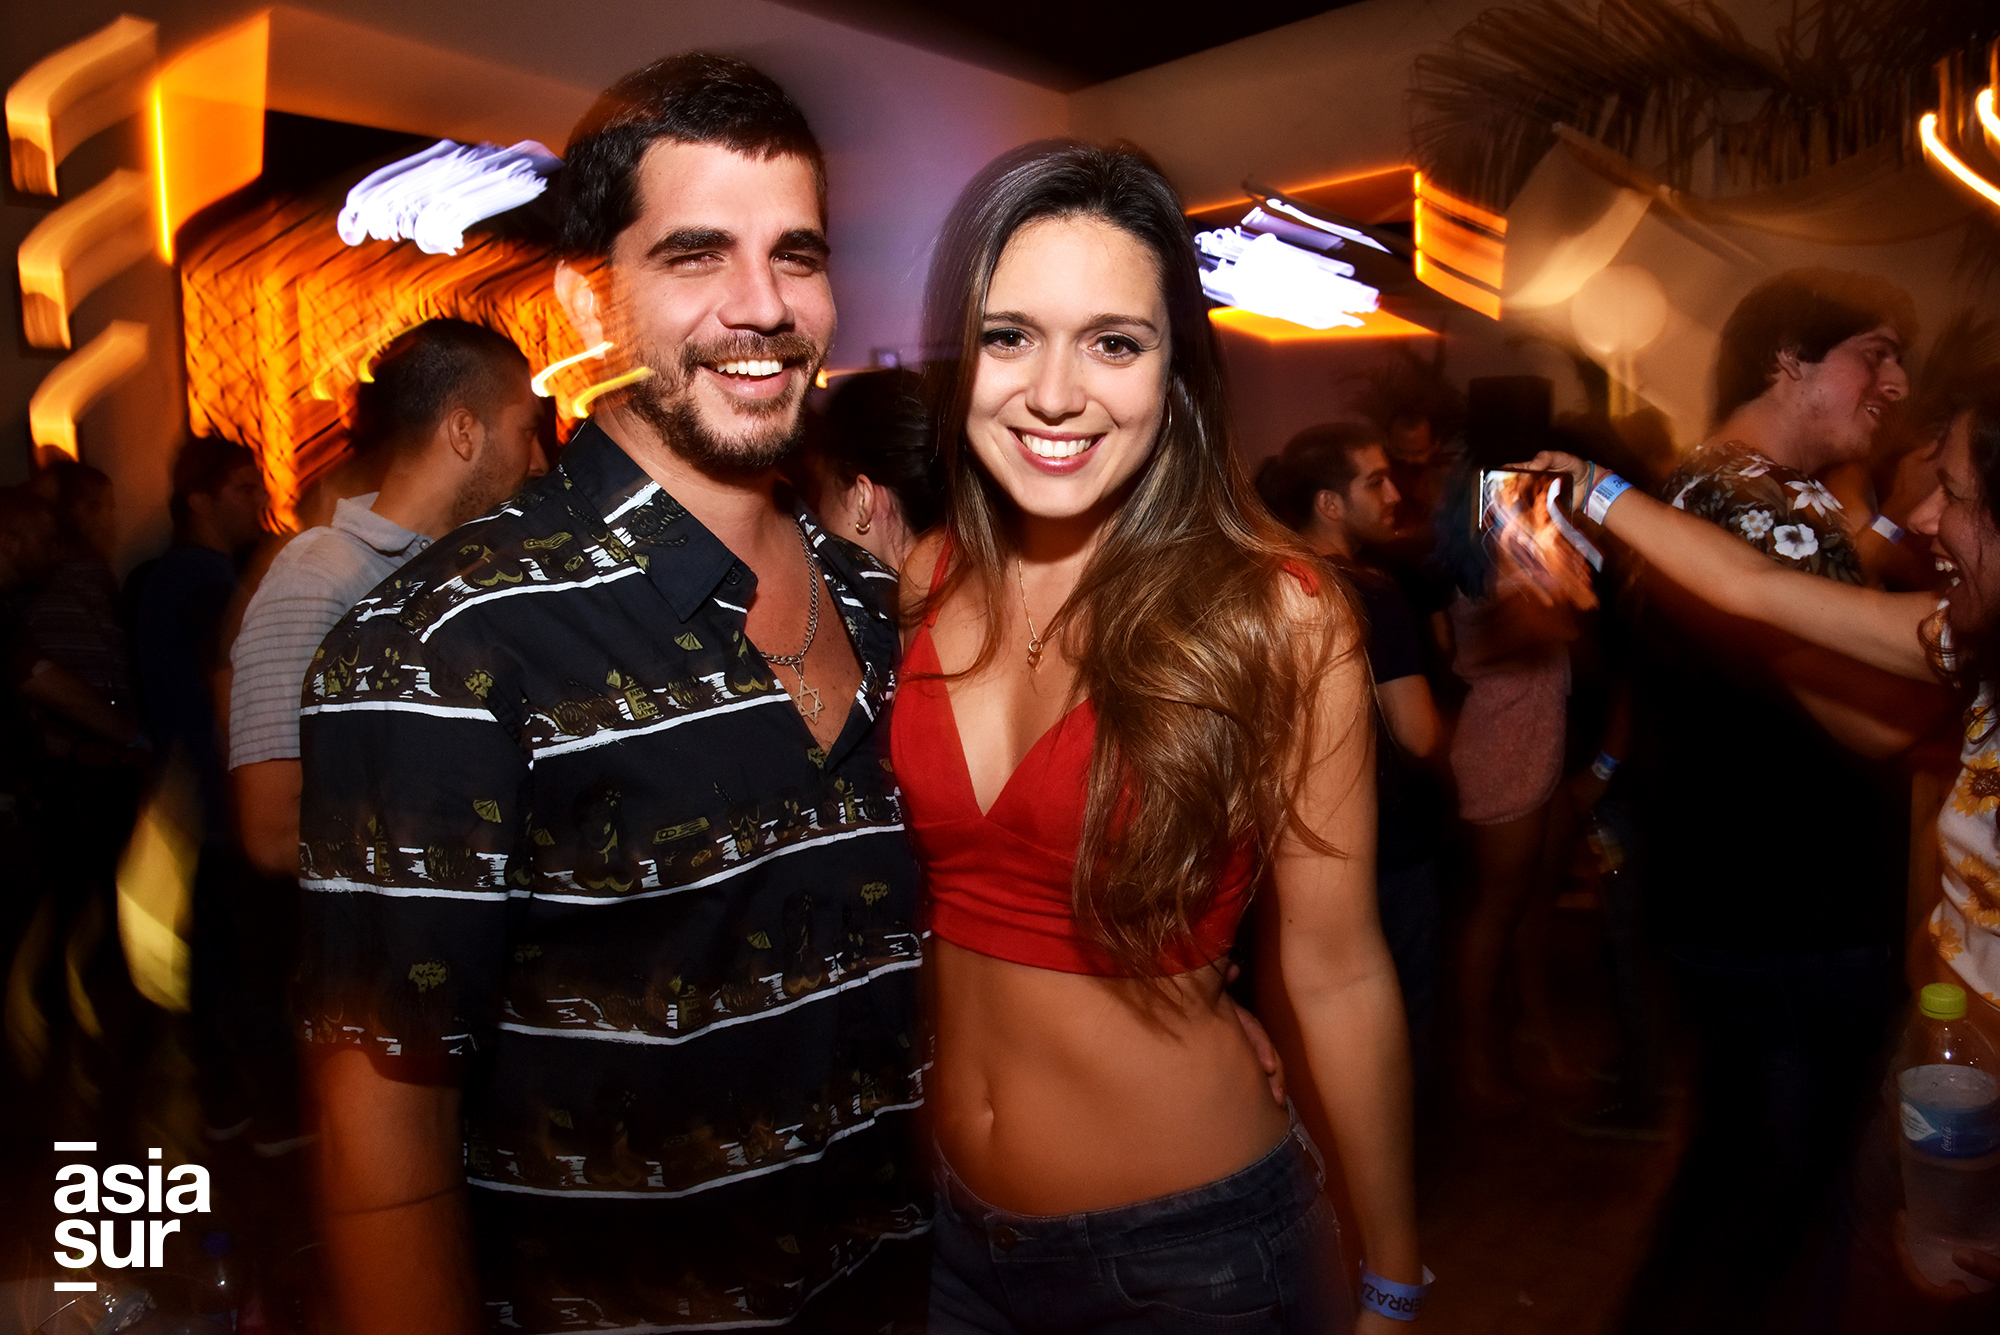 Raúl Caller y Daniela Casalino en discoteca IN de Punta Hermosa